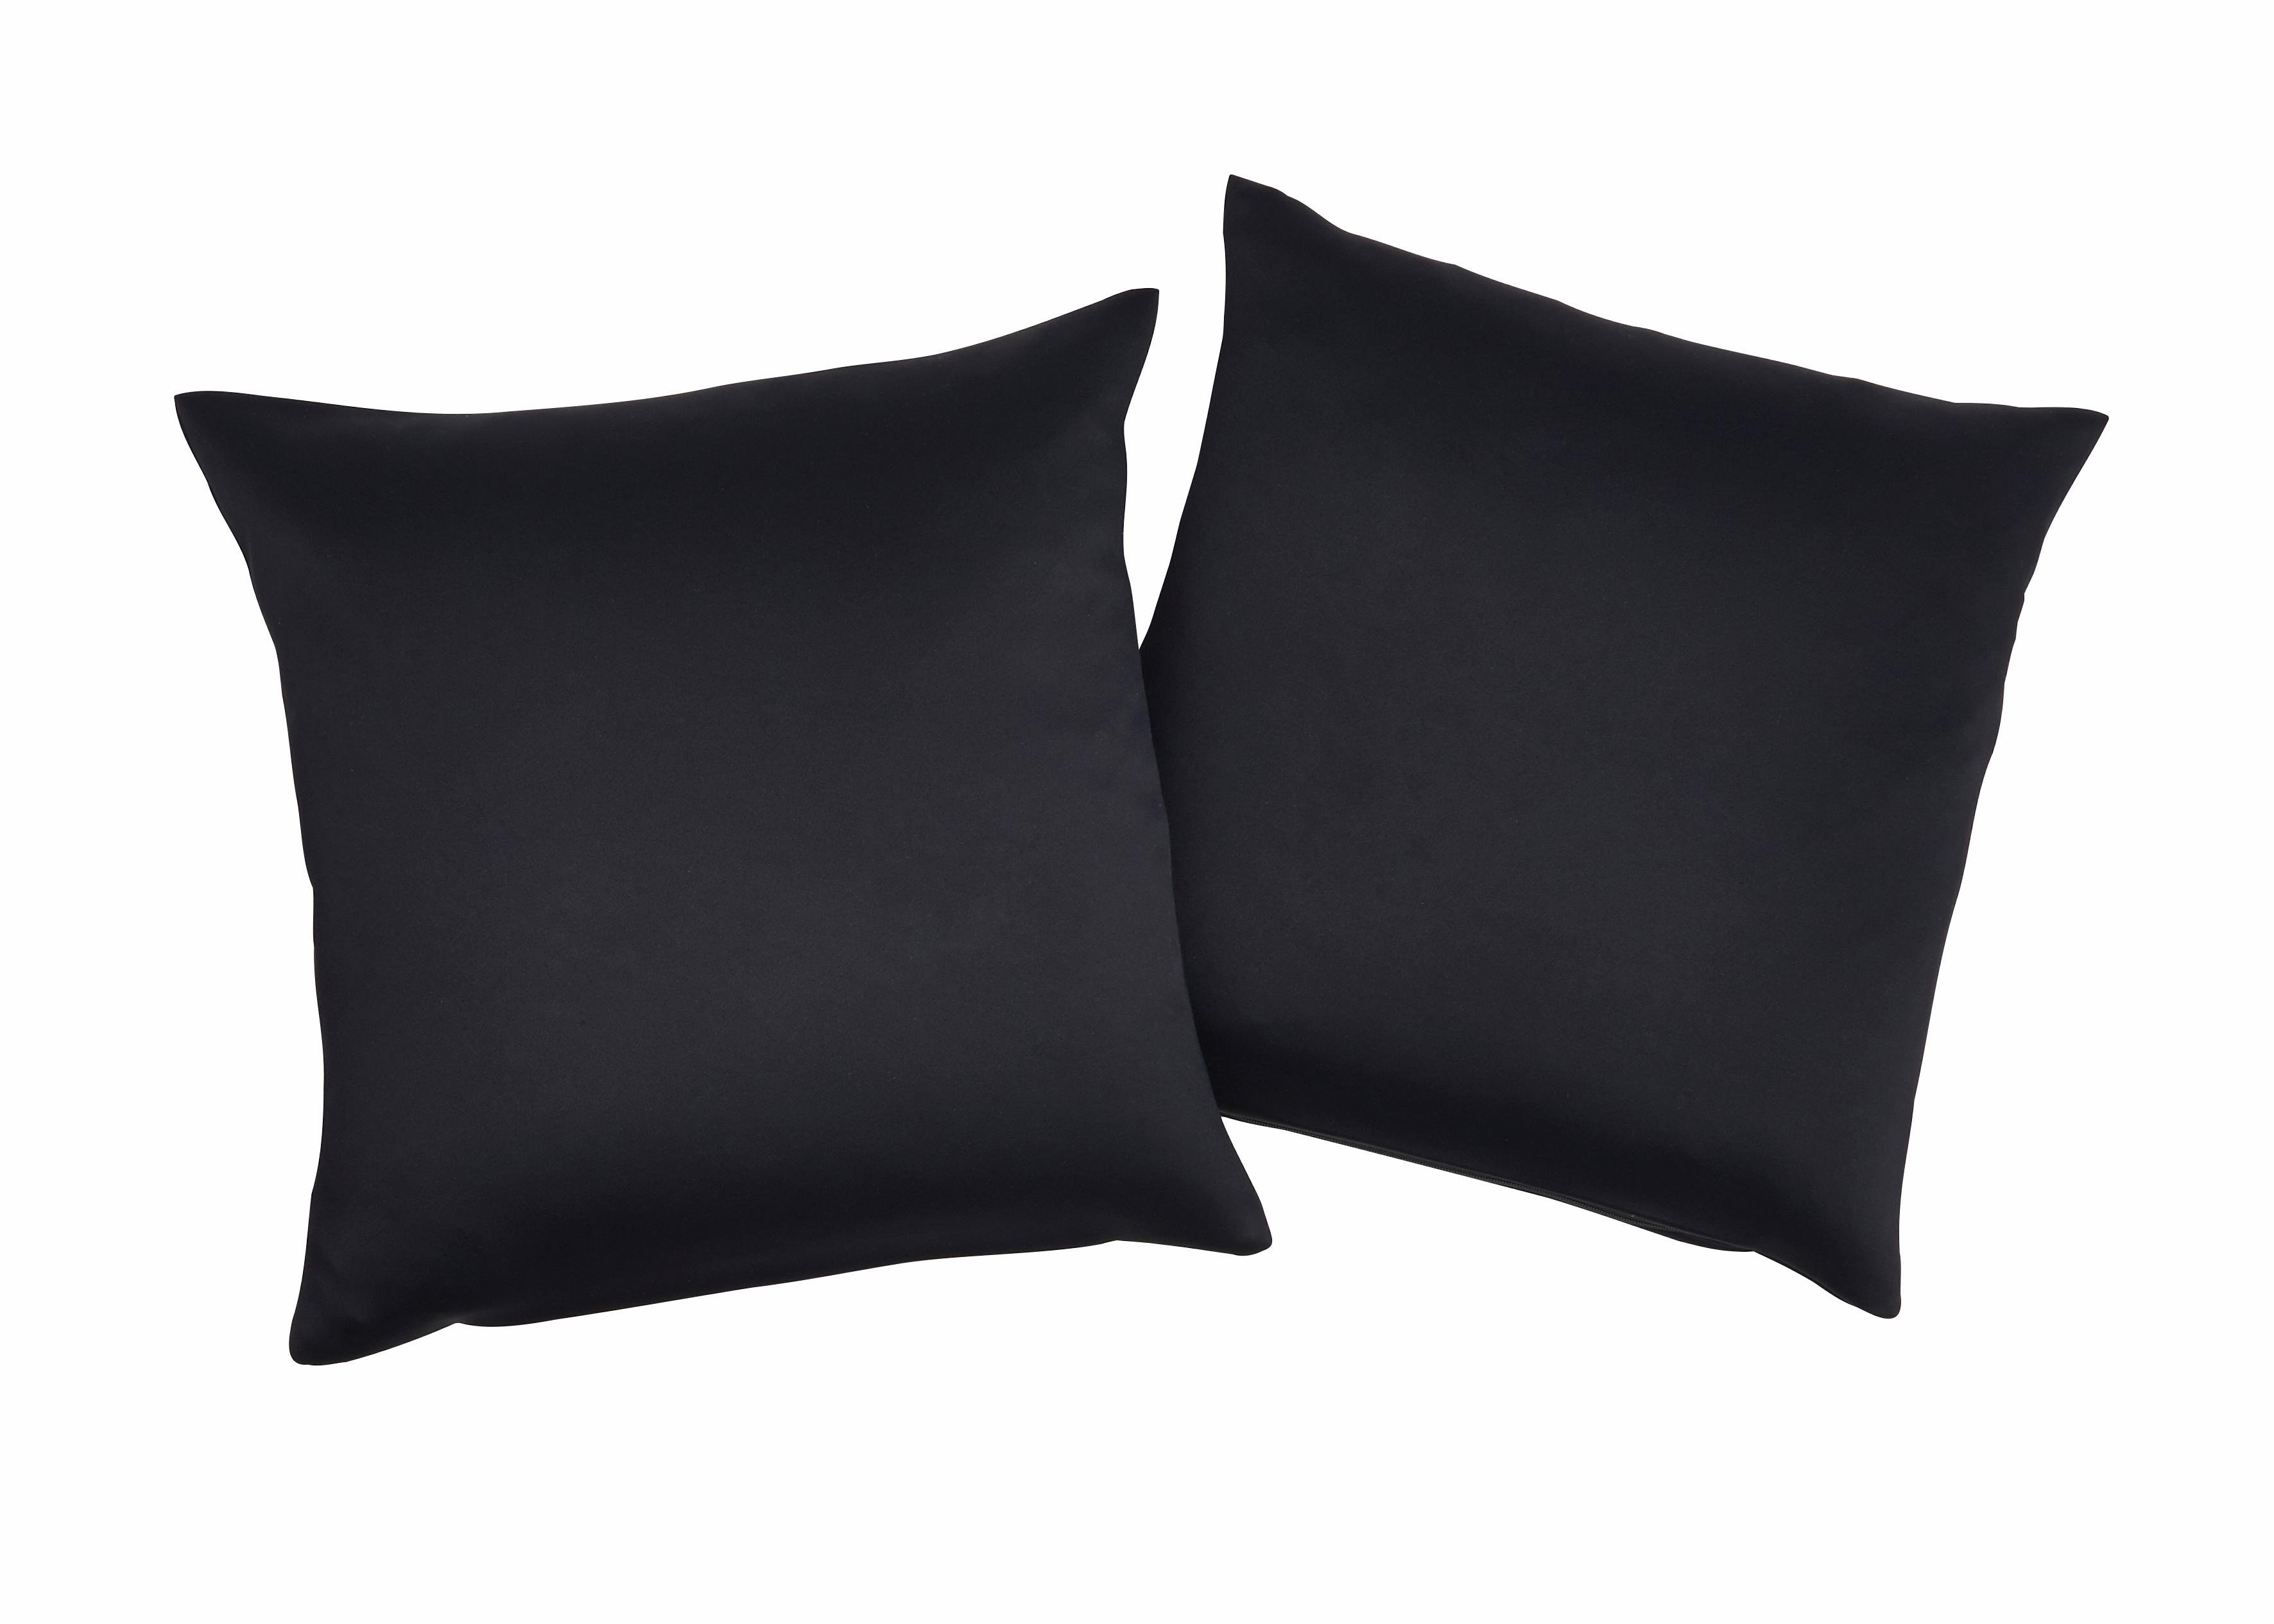 Goedkope Zitkussens Tuin : Goedkope kussens die perfect passen in je interieur otto